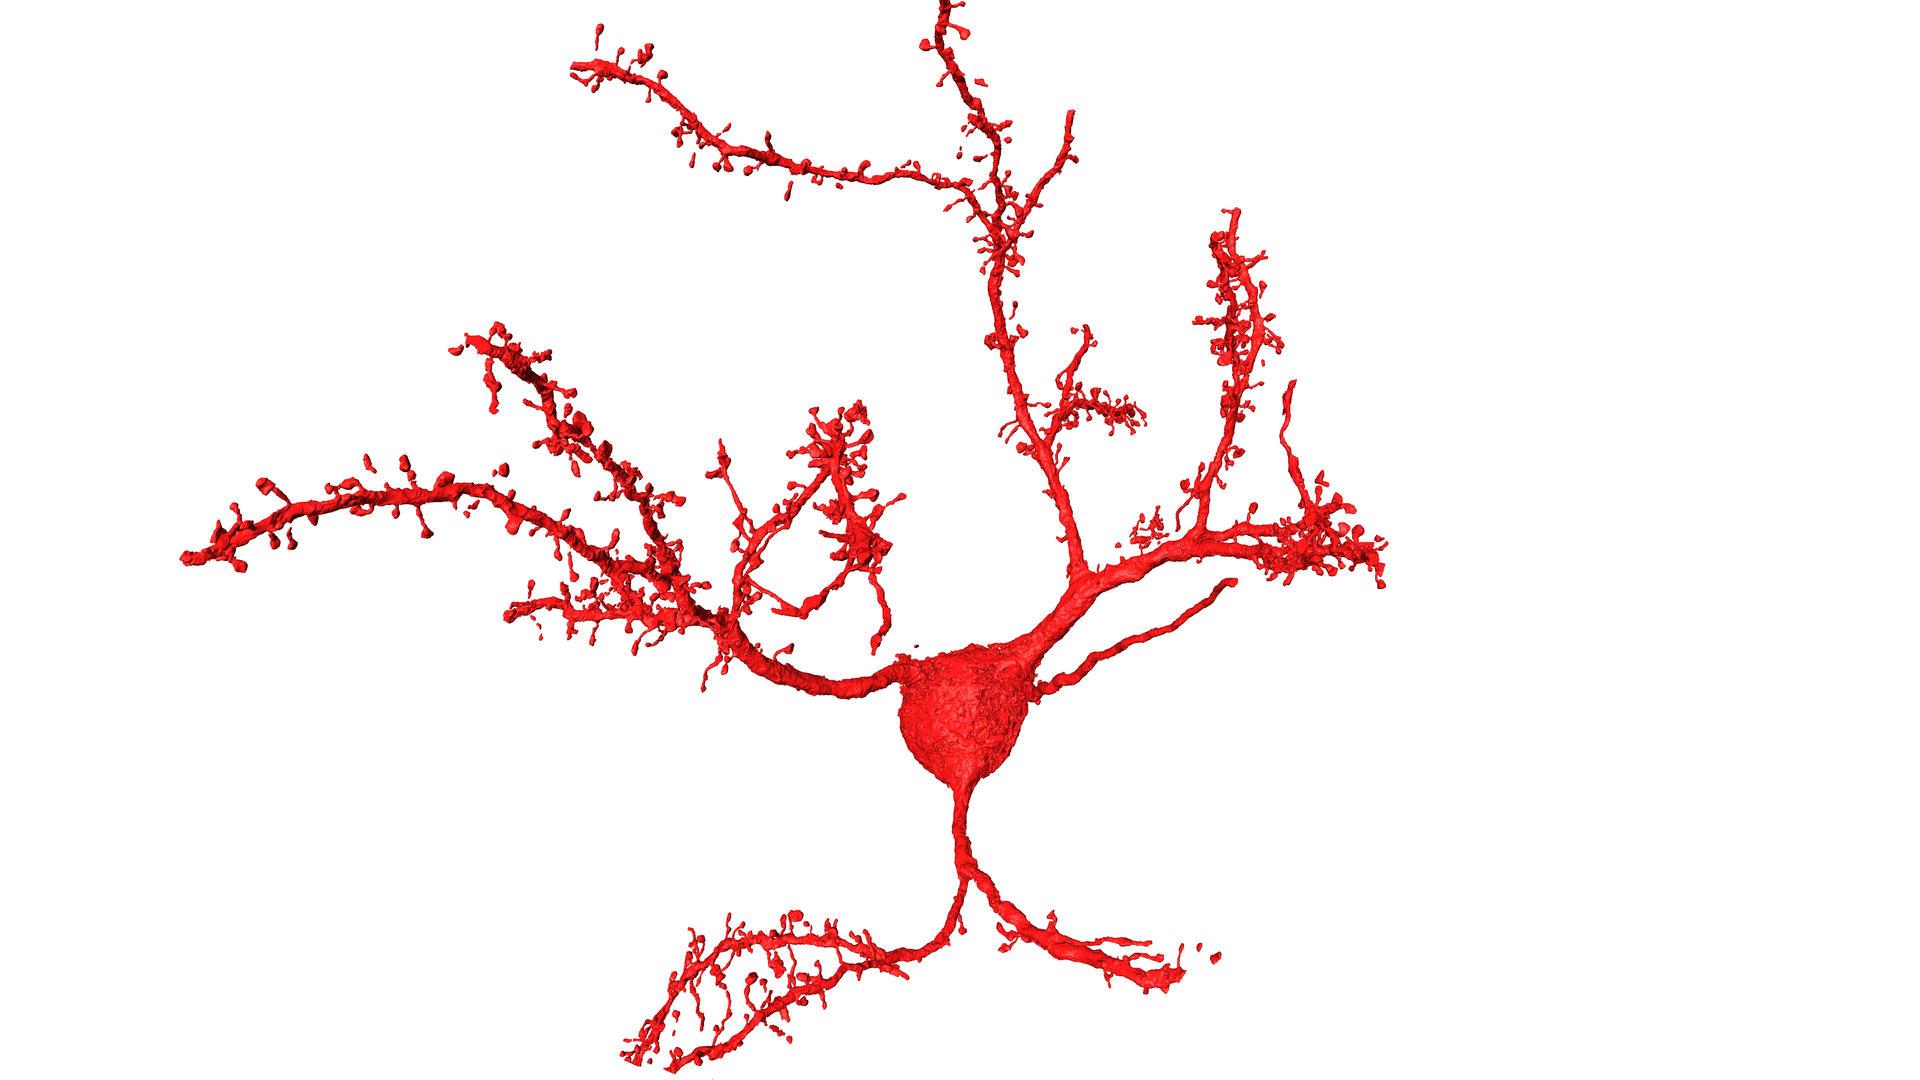 Nervenzellen aus der Hirnrinde einer Maus.